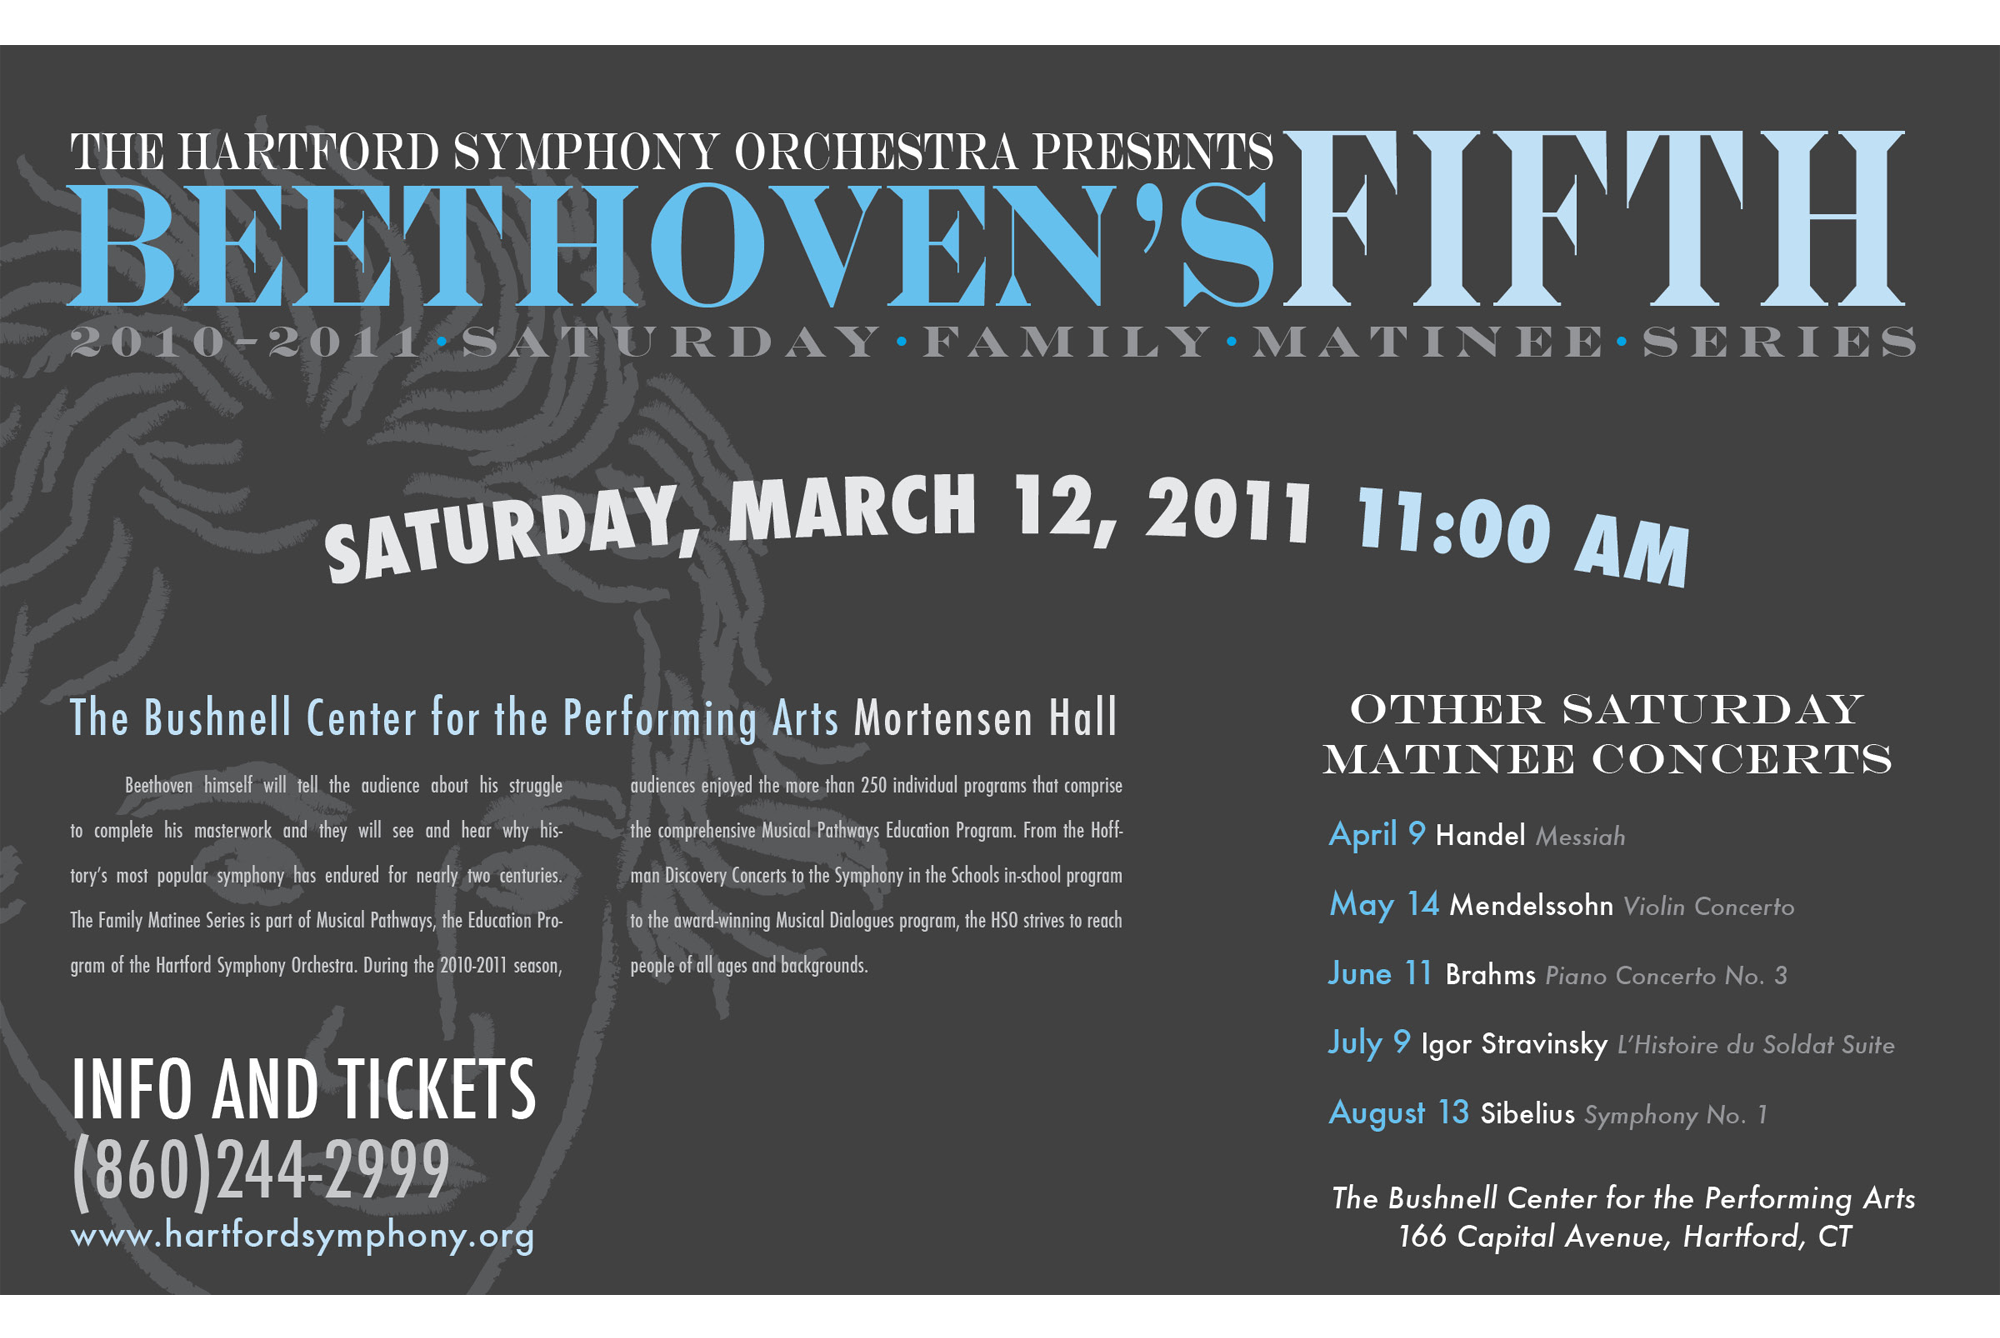 Beethoven_WebsitePic.png